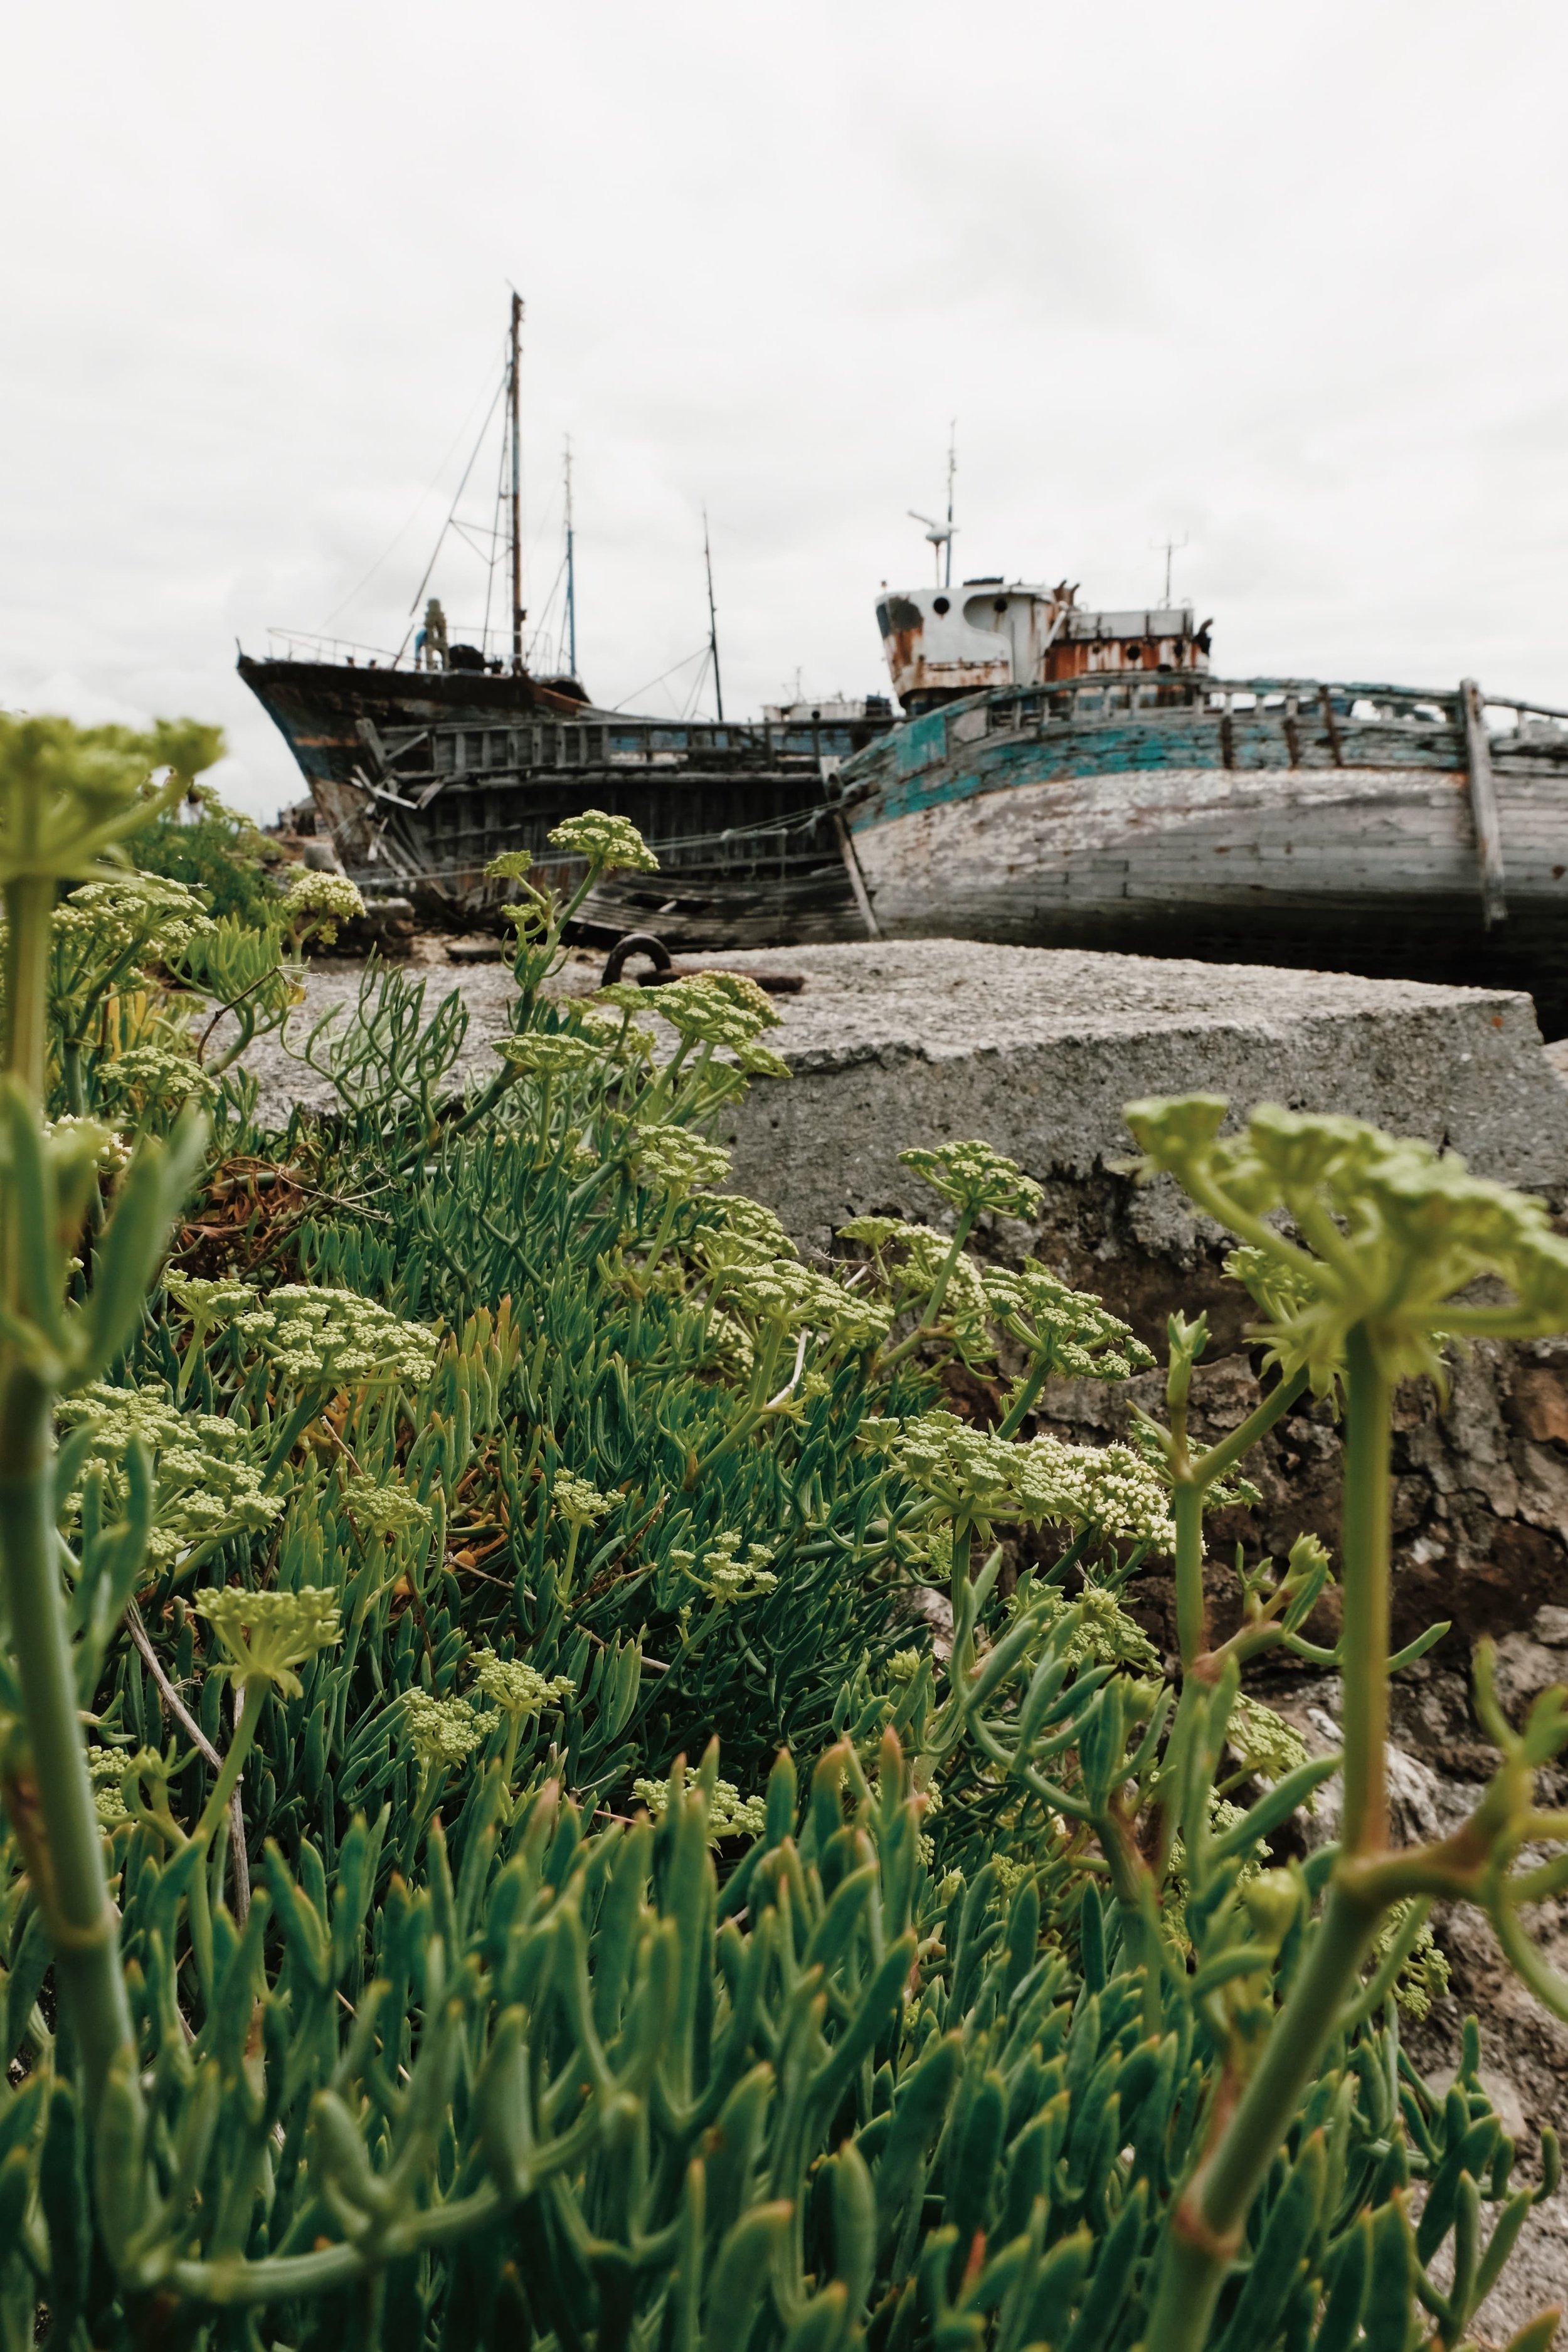 Carnet Sauvage - blog voyage Lille - visiter la Bretagne - presqu'ile de Crozon - Camaret sur mer 5.jpg